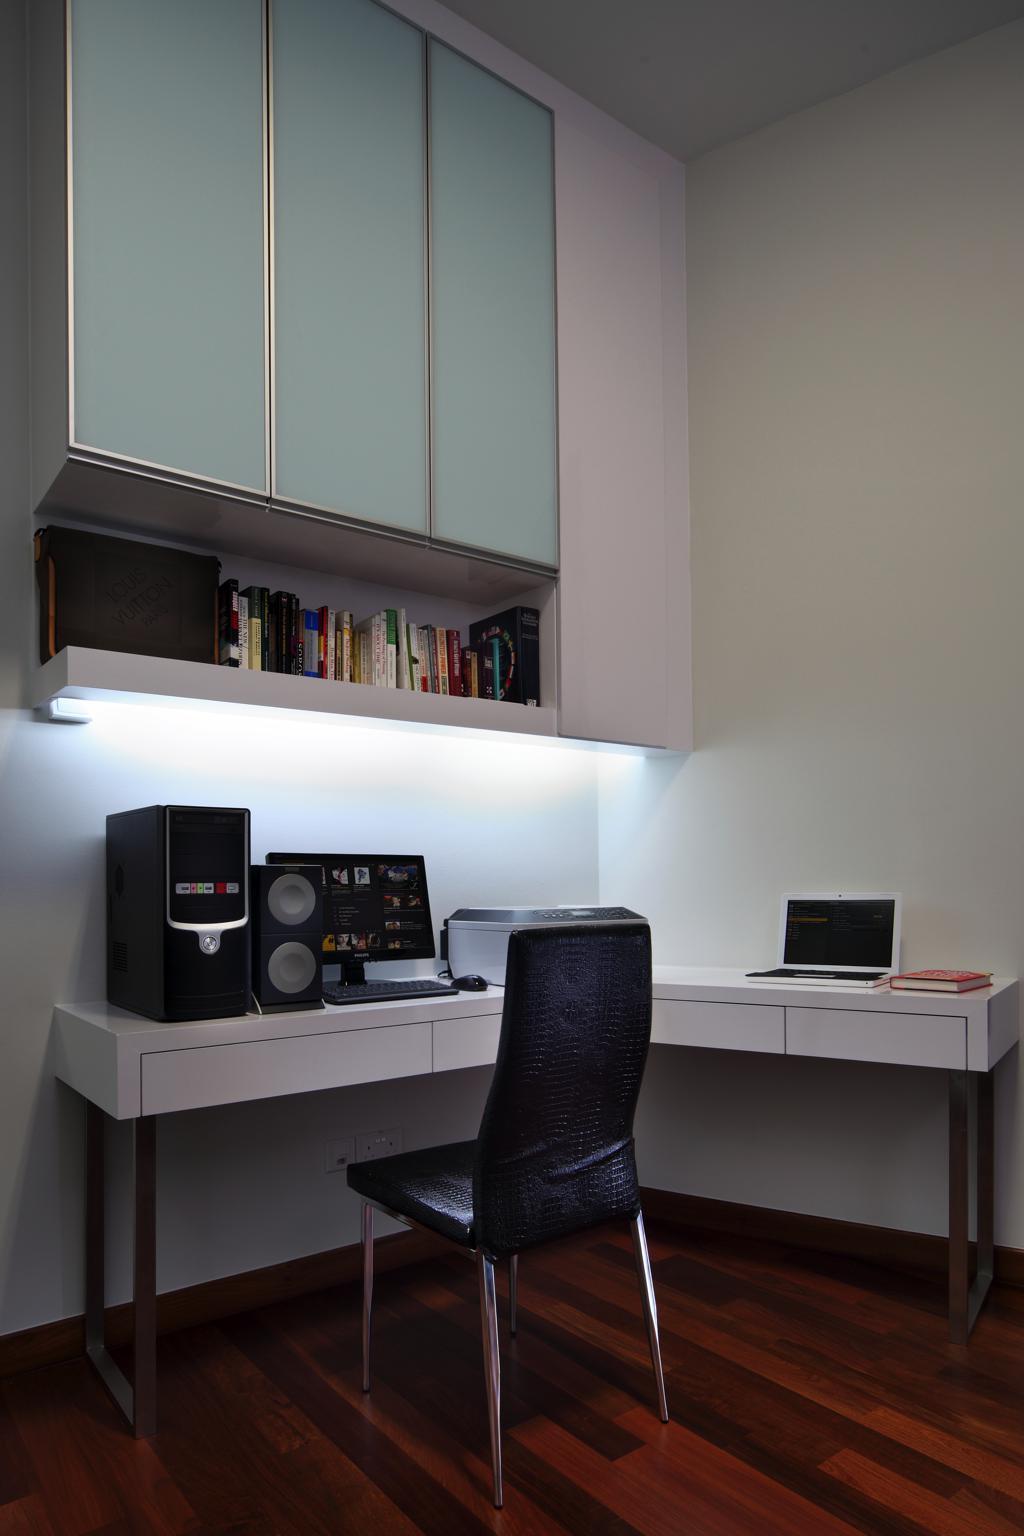 Condominium Study Room: Condo-design-thomas-suites-study-room